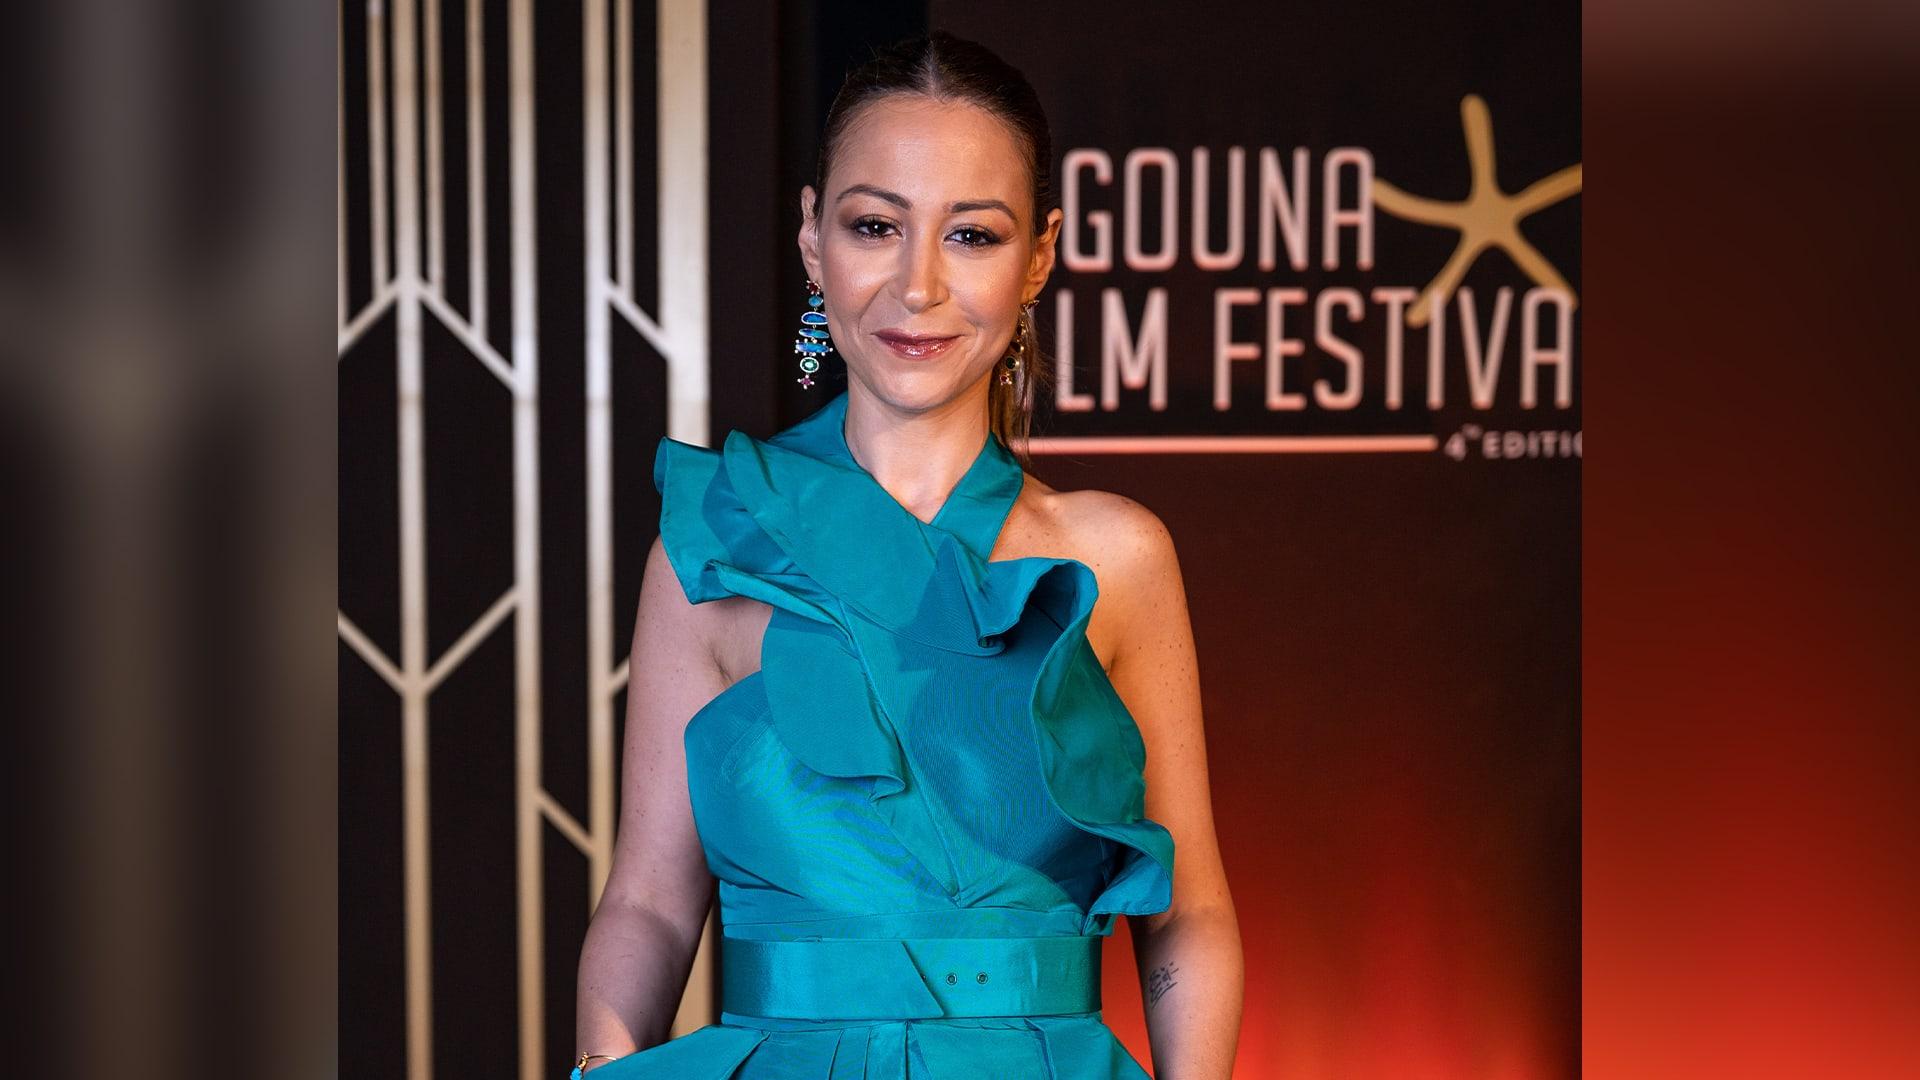 """منة شلبي تنال أول ترشيح دولي لجائزة """"الإيمي"""" عن مسلسلها """"في كل أسبوع يوم جمعة"""""""